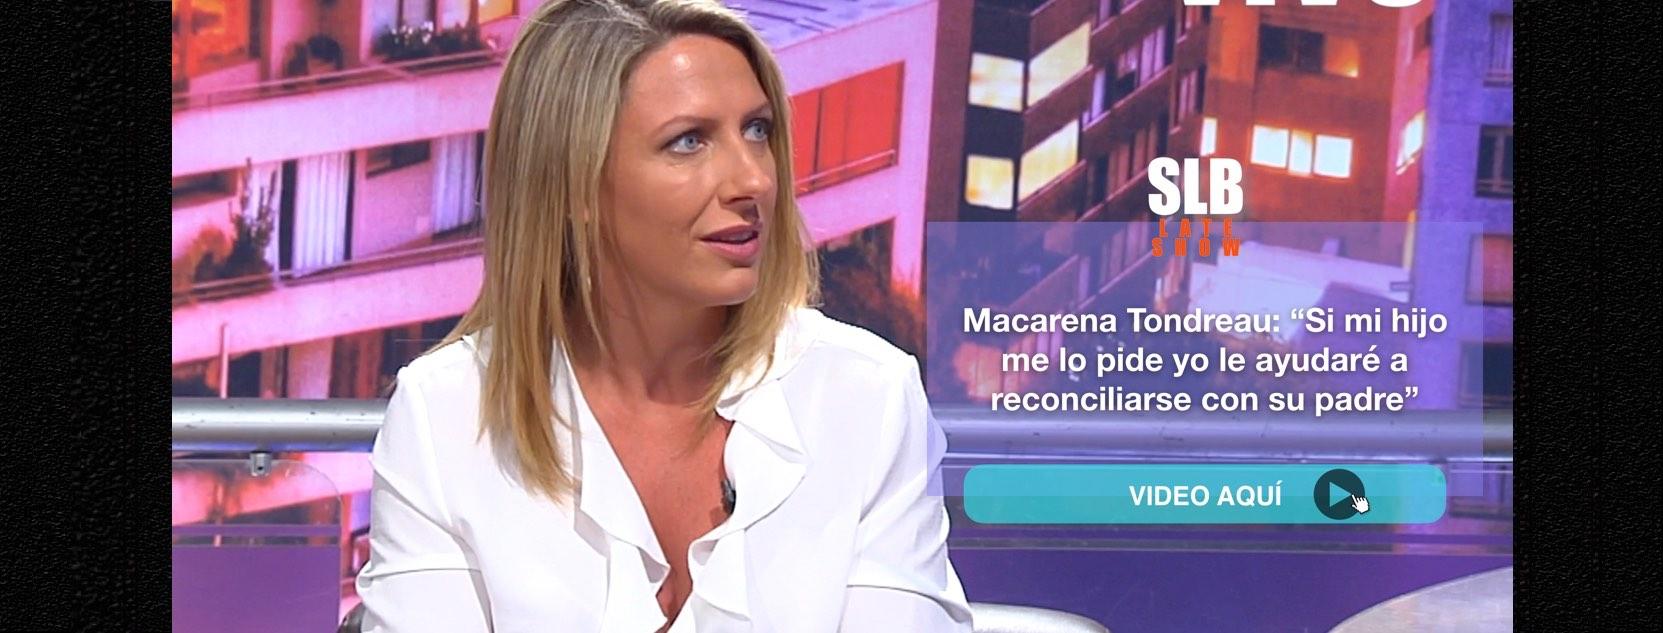 macarena-tondreau